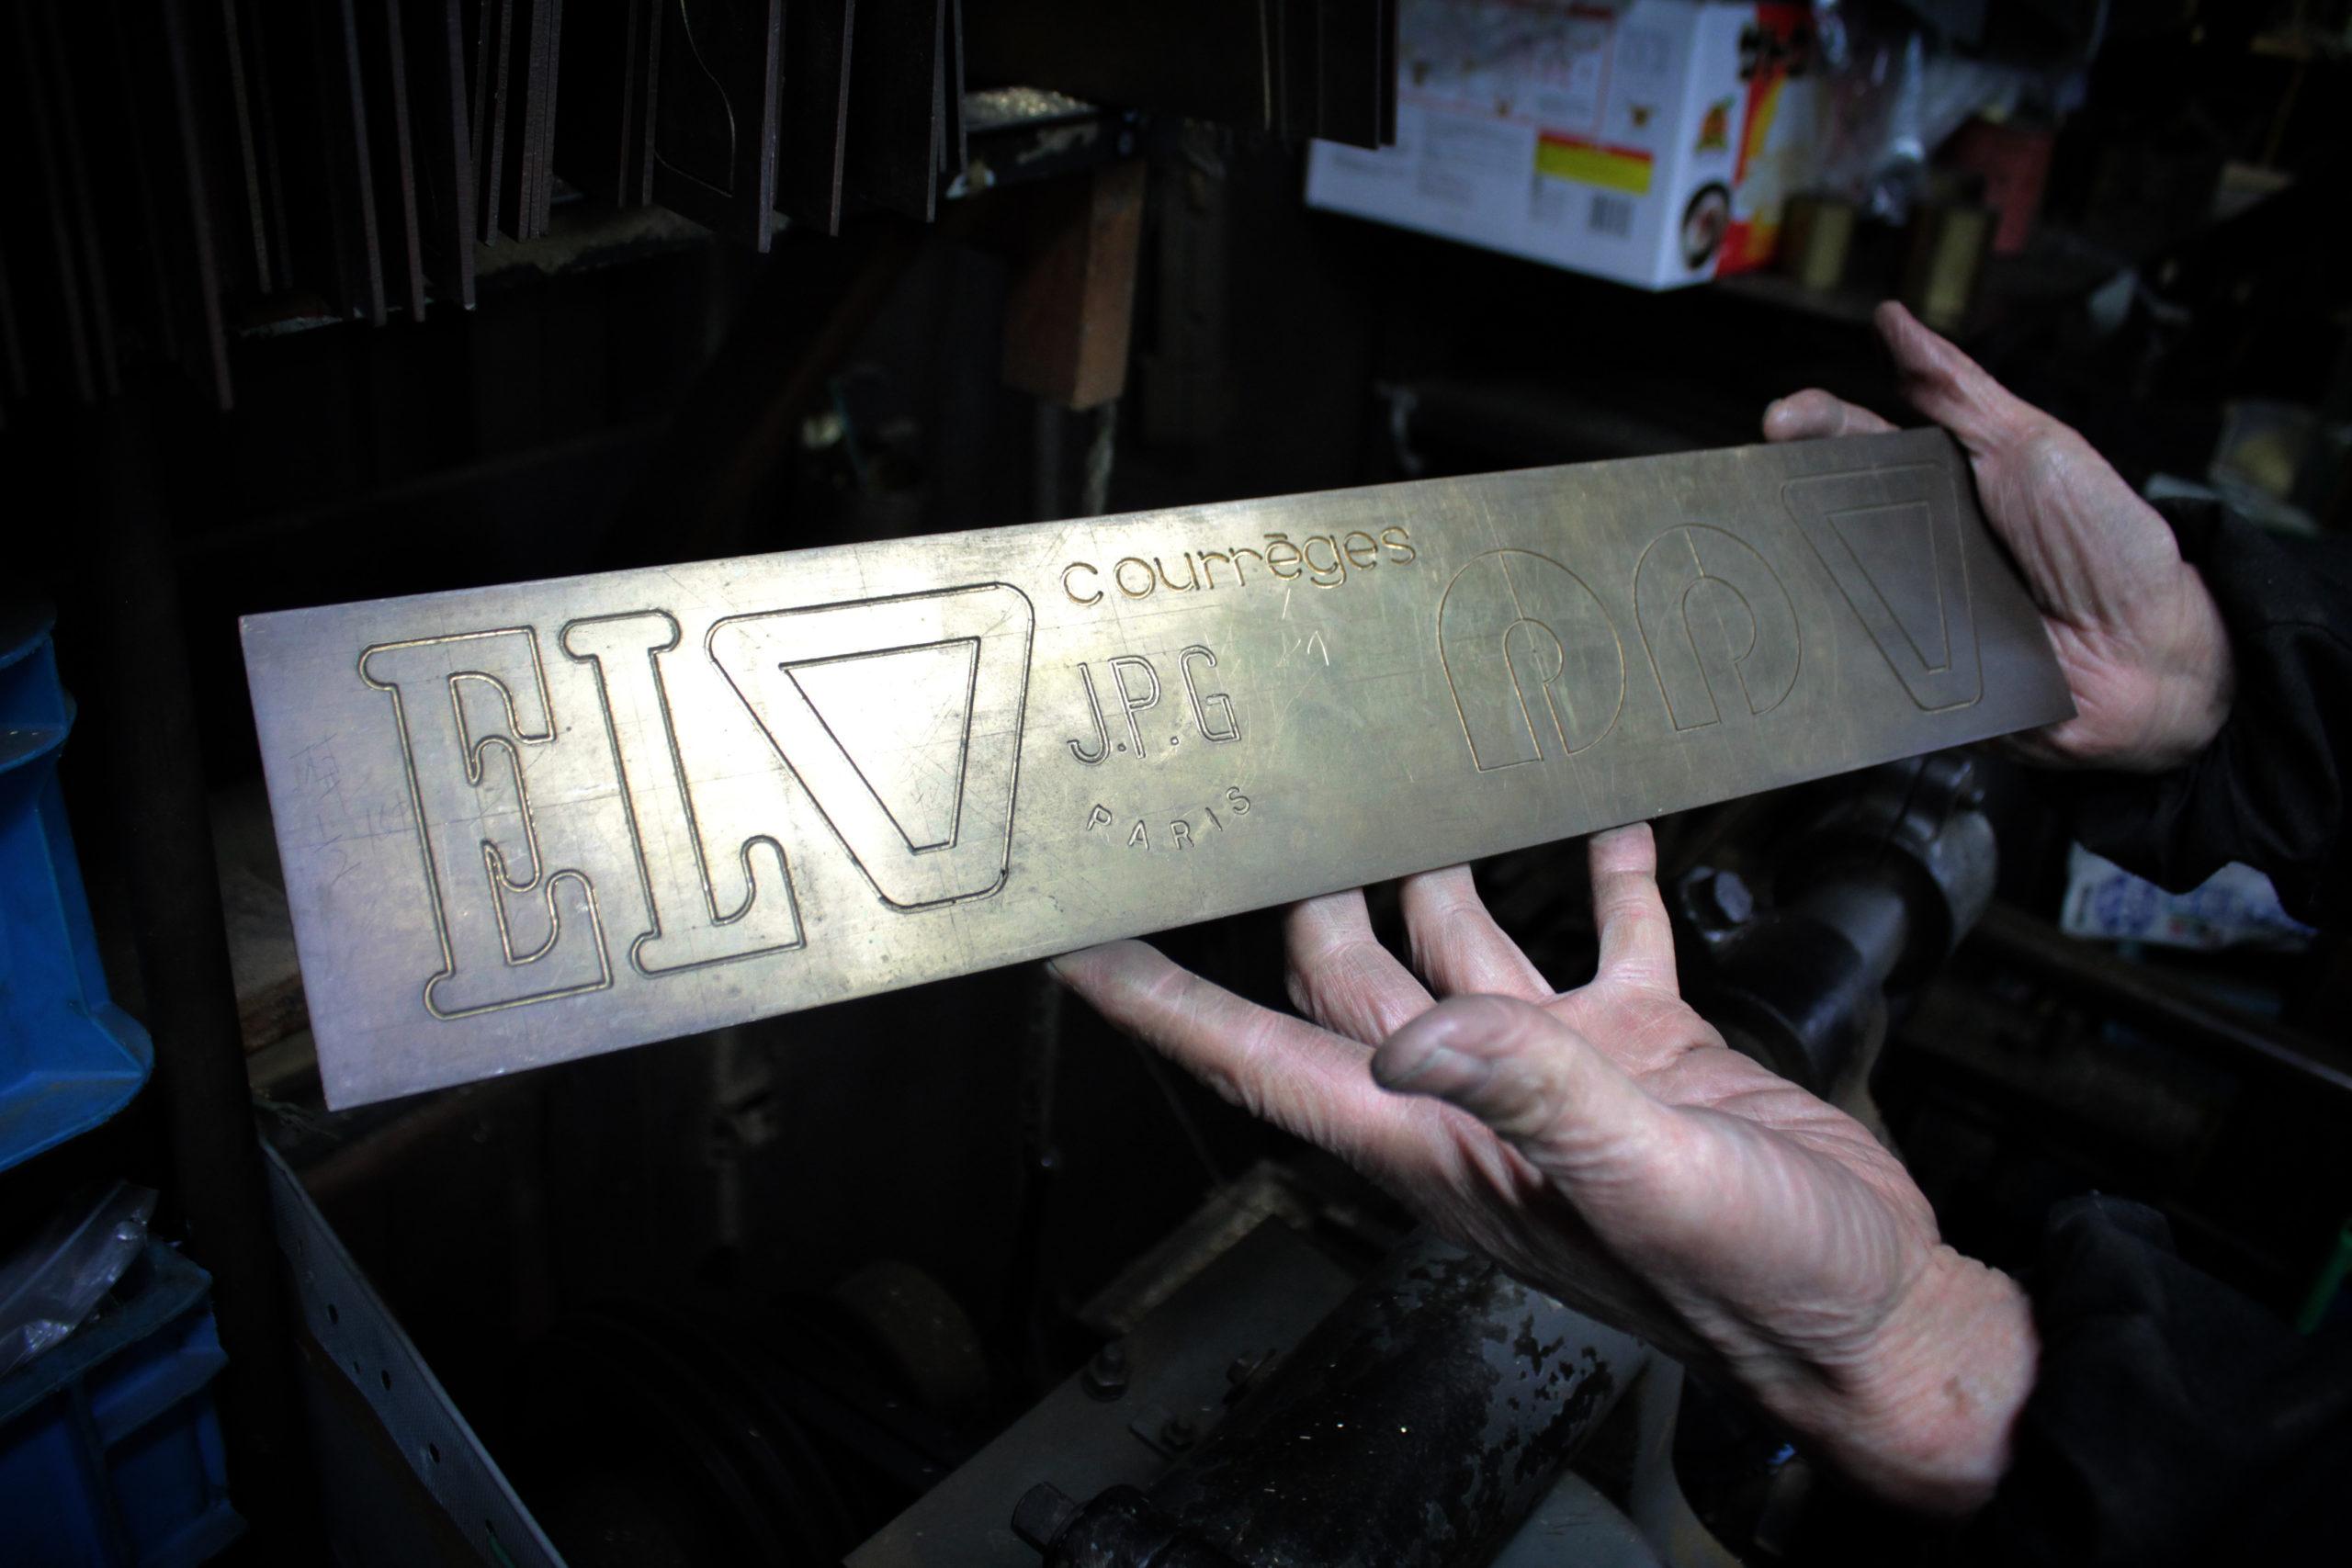 メタルハウスでは、お客様オリジナルブランドのロゴやデザインを刻印する技術と機械、そして、それを巧みに操れる、熟練の職人がいます。